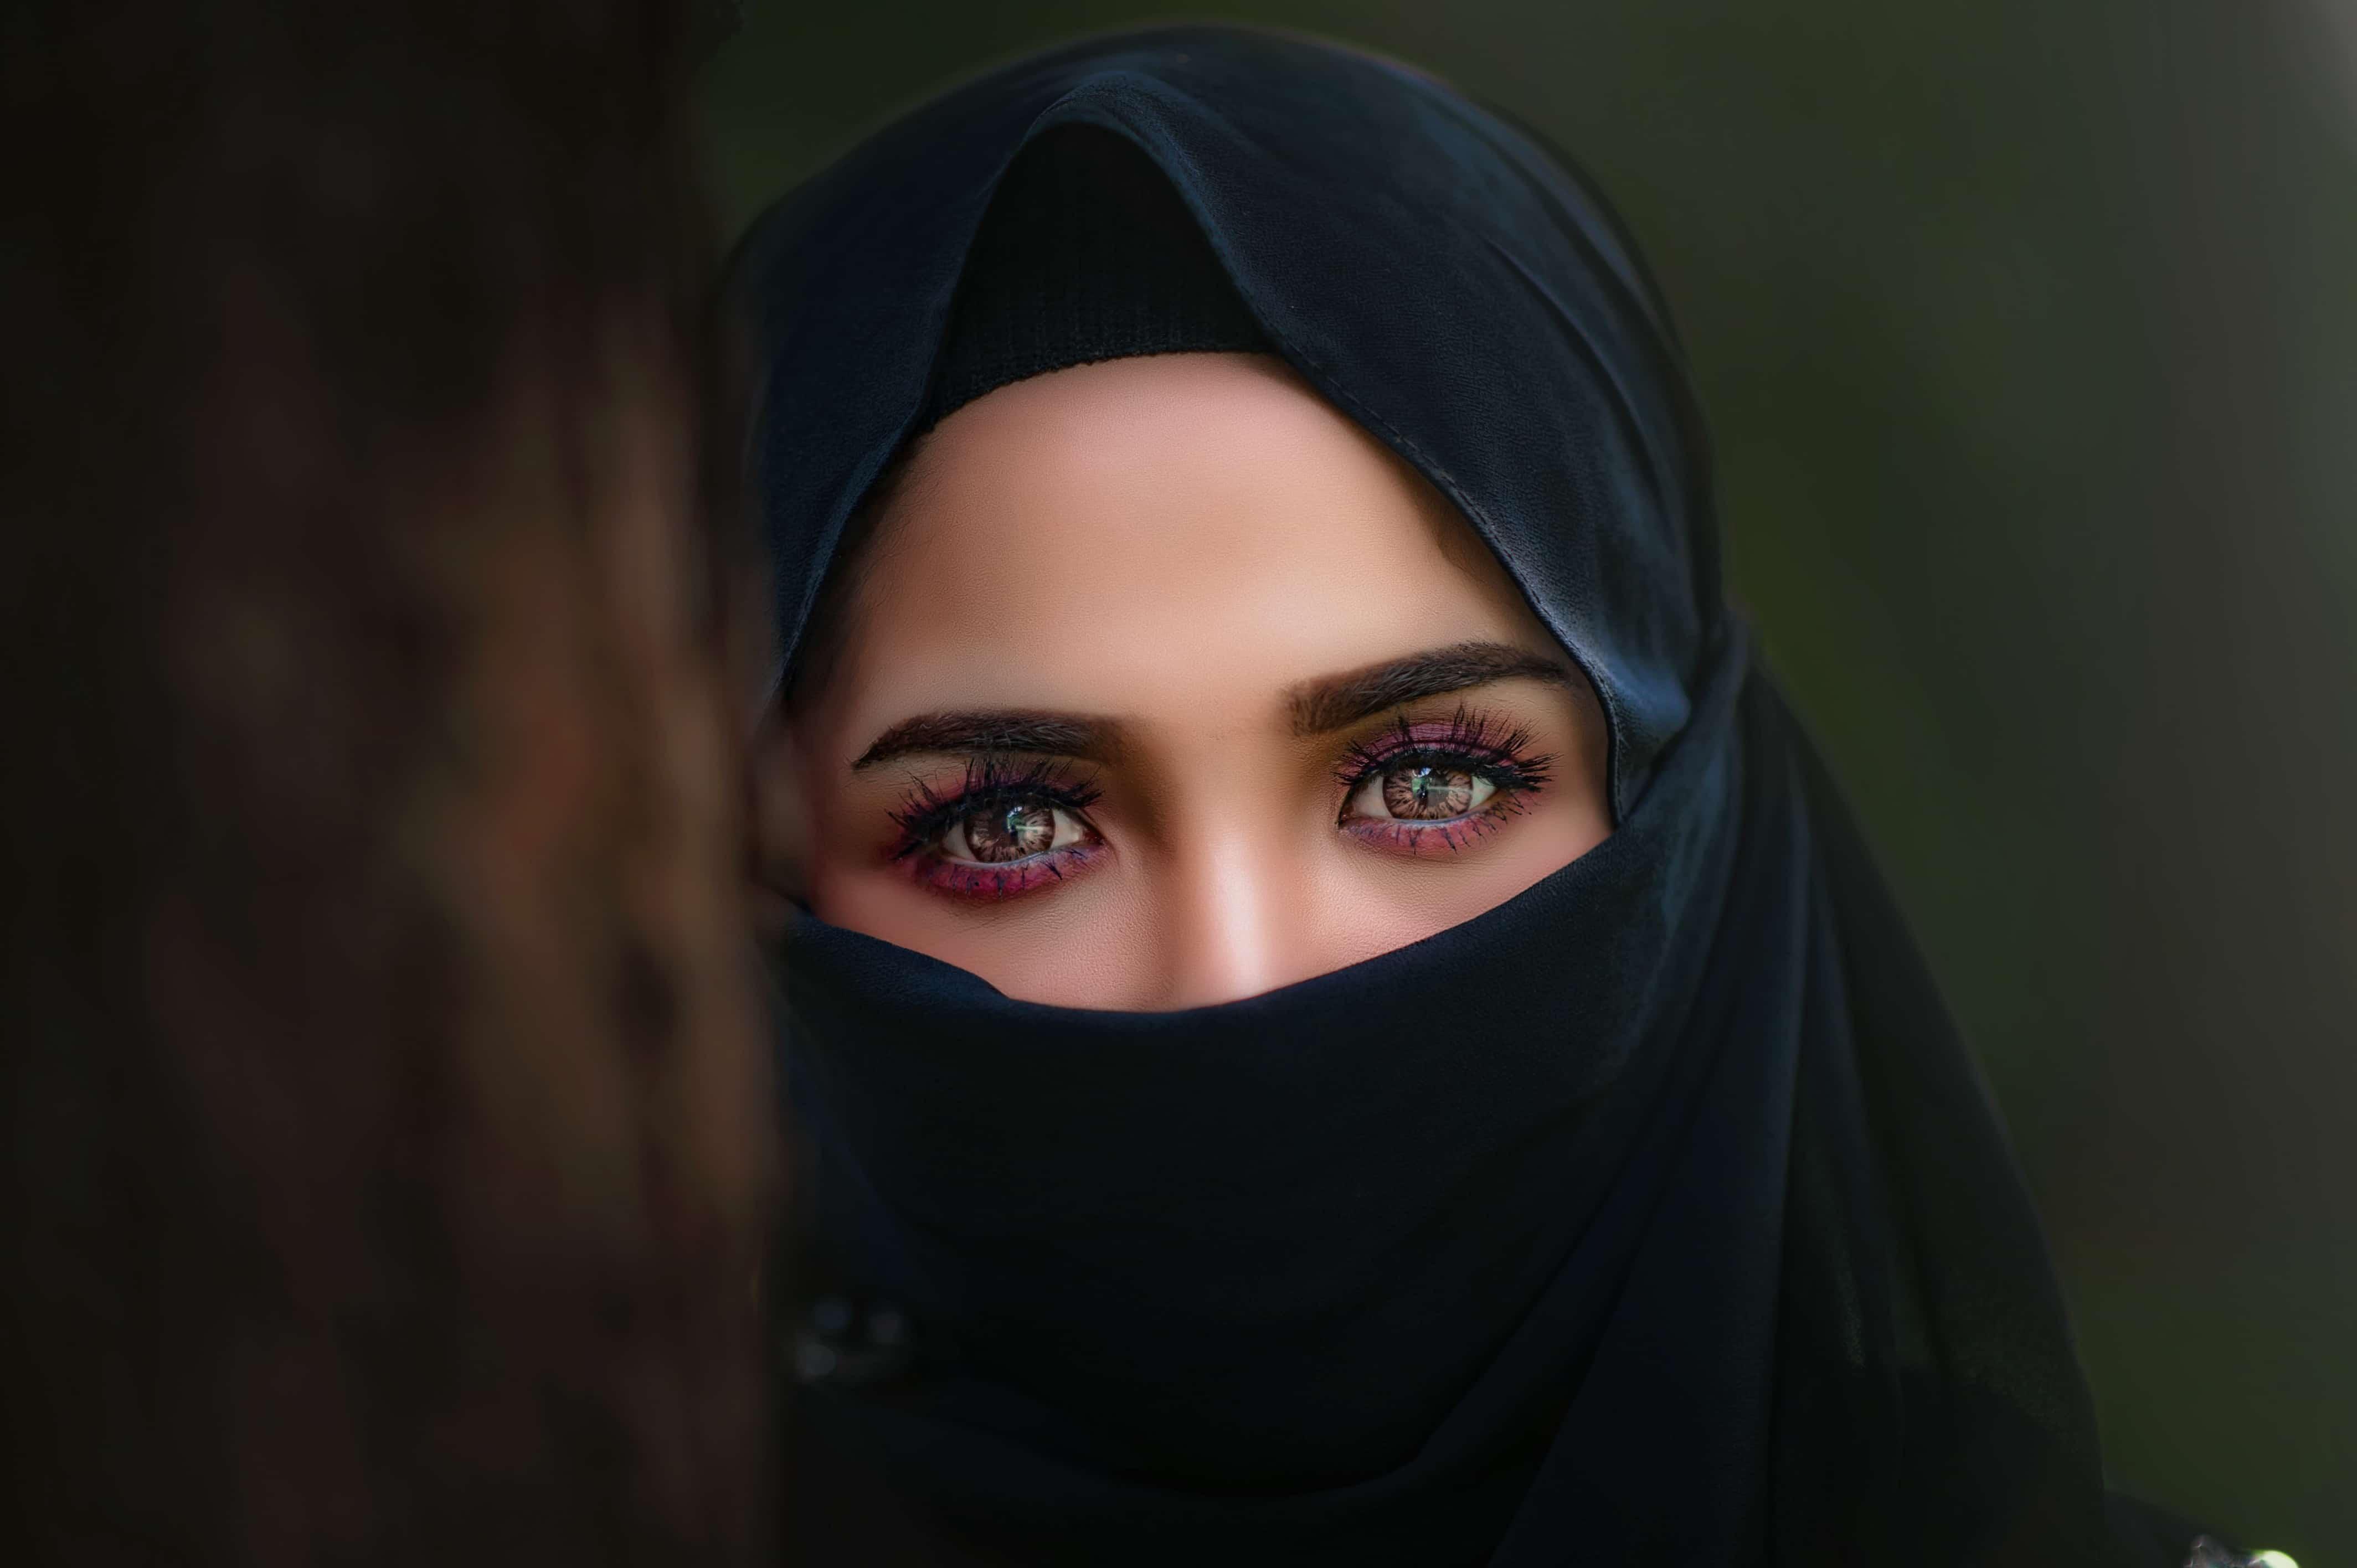 ヒジャブを纏う女性